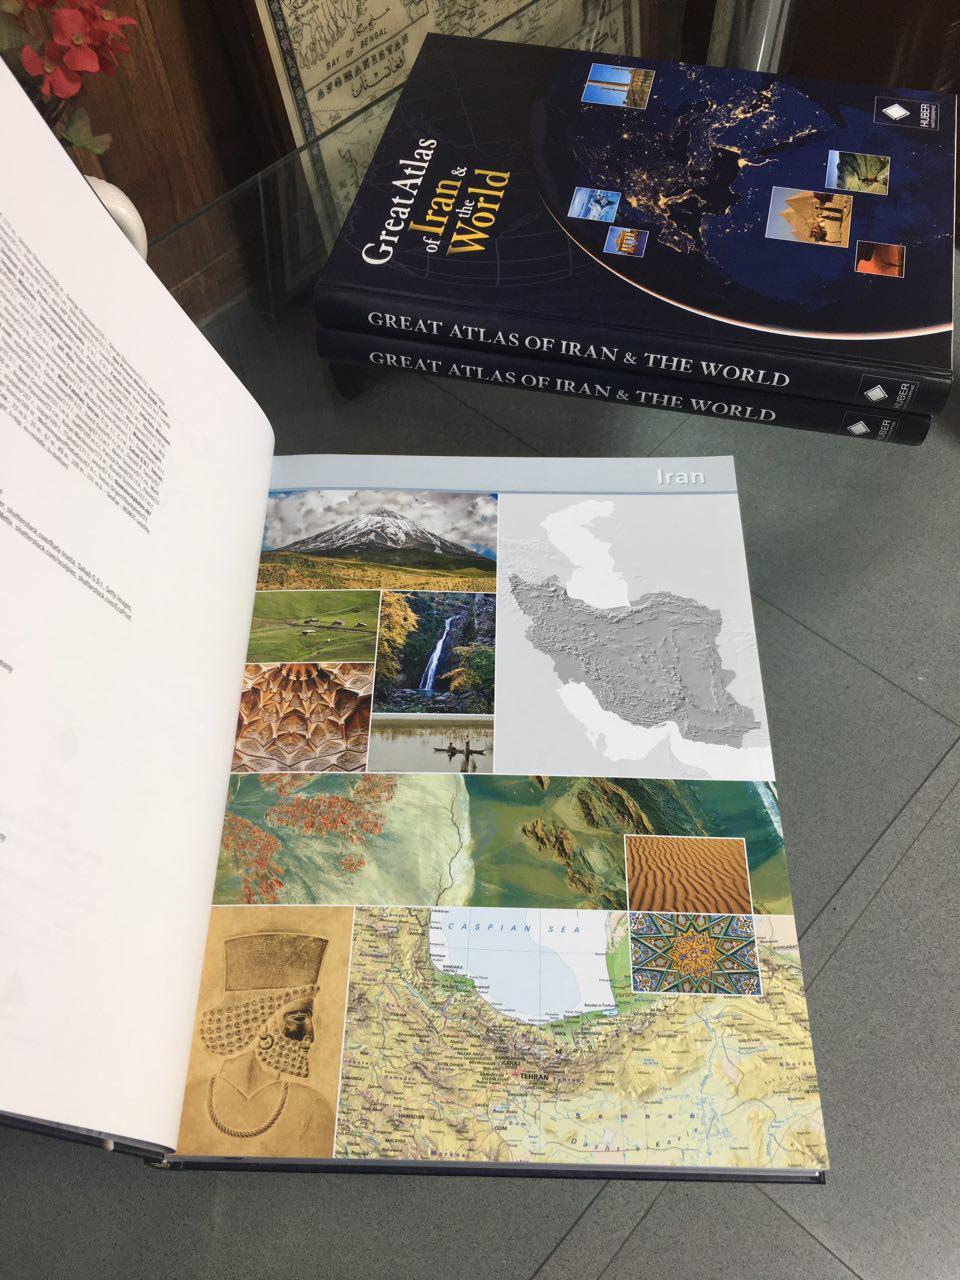 اطلس ایران و جهان - موسسه جغرافیایی سحاب